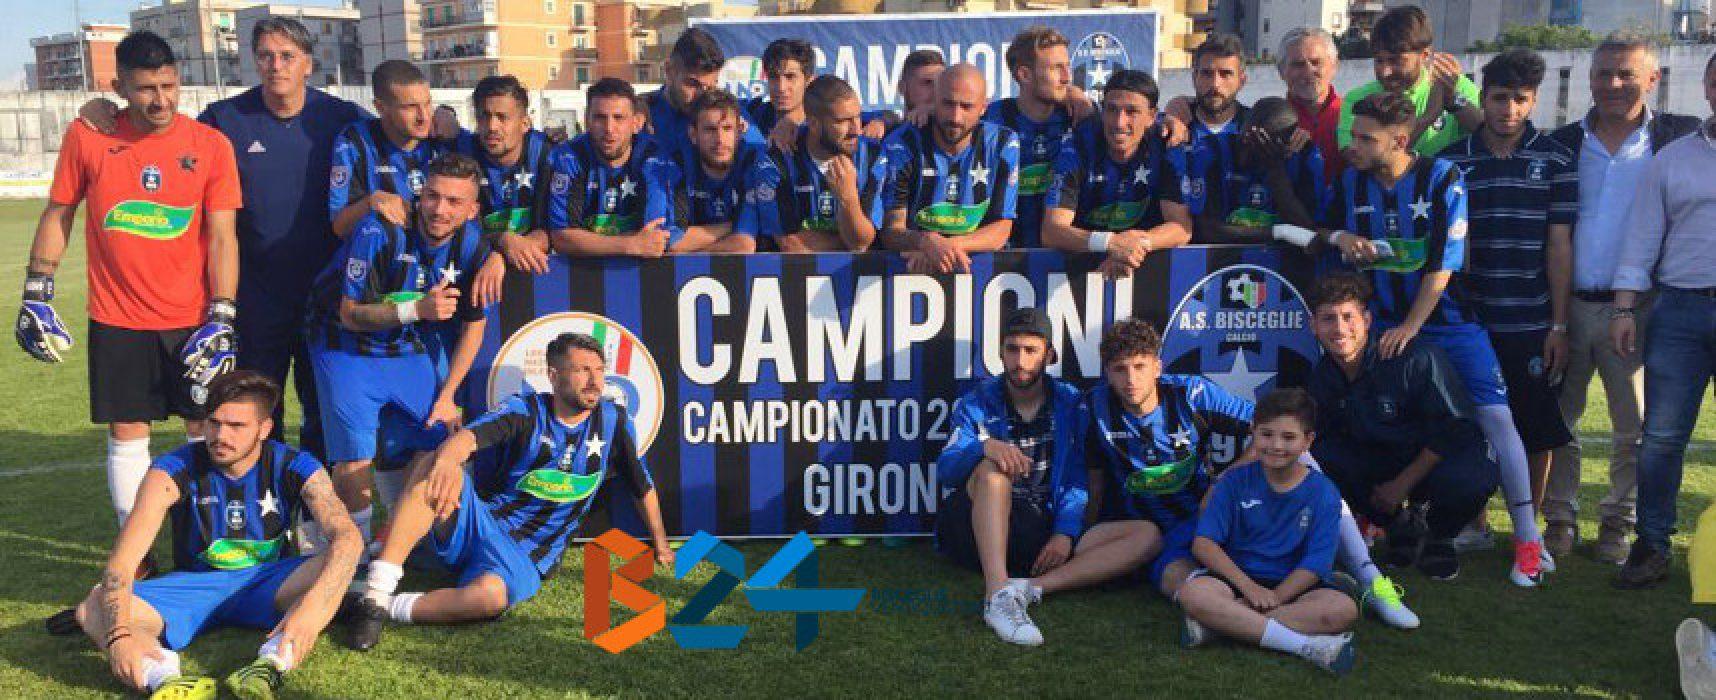 Bisceglie Calcio, la festa continua: 1-1 contro la Sicula Leonzio e passaggio alla fase finale della poule scudetto